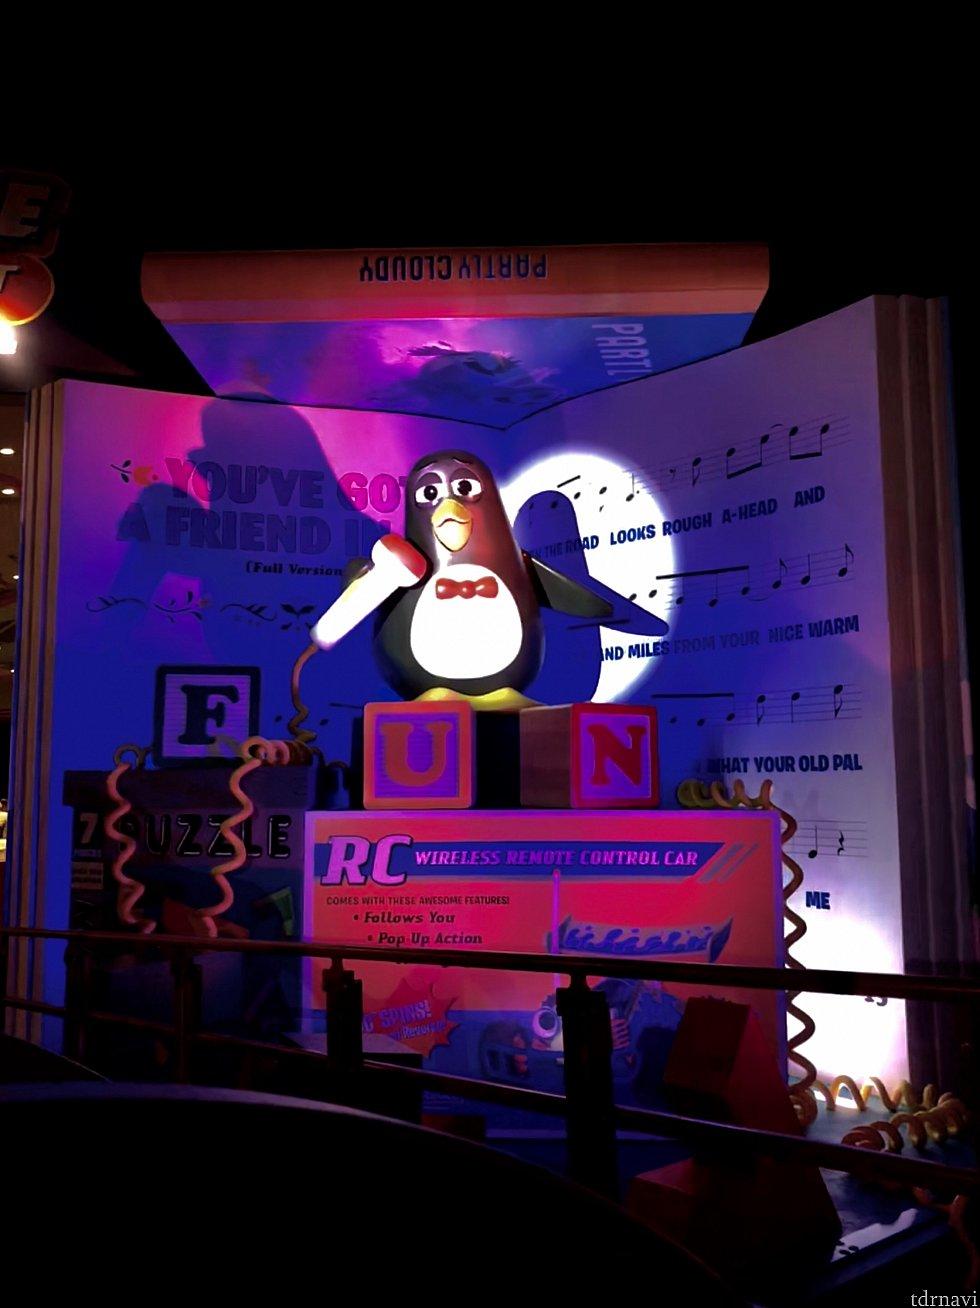 ポストショーとして映画にも出てきたウィージーペンギン君が'You've Got a Friend in Me' を歌ってくれているんです!夜は照明効果も際立ってとても印象に残りました。